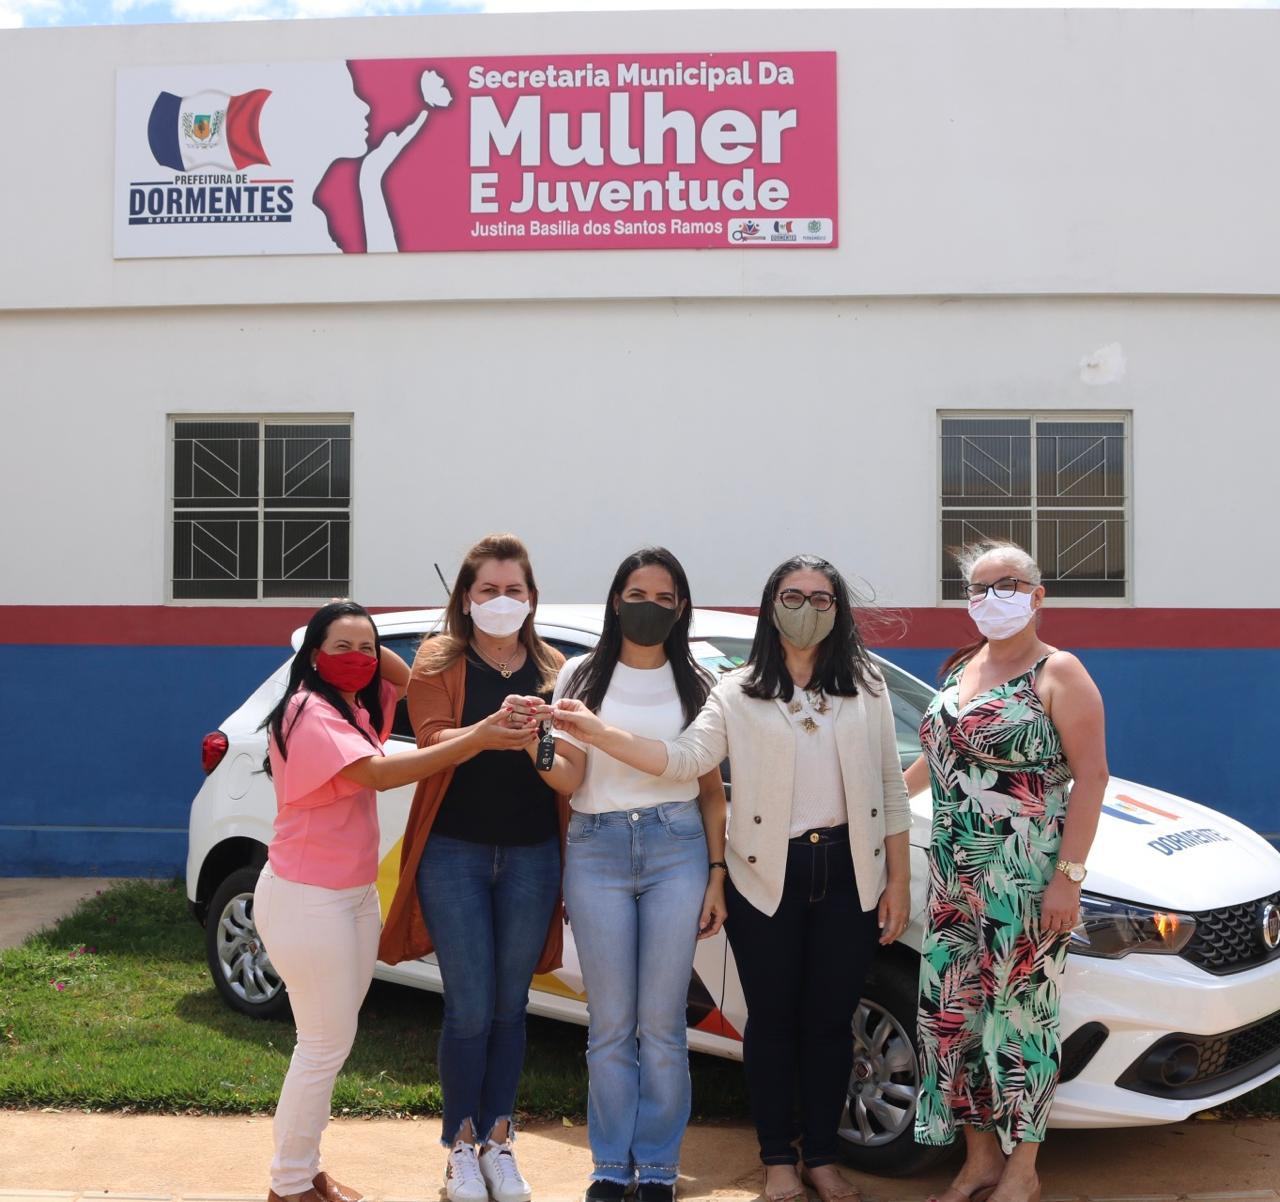 Deputada Roberta Arraes entrega carro 0Km à Secretaria da Mulher de Dormentes